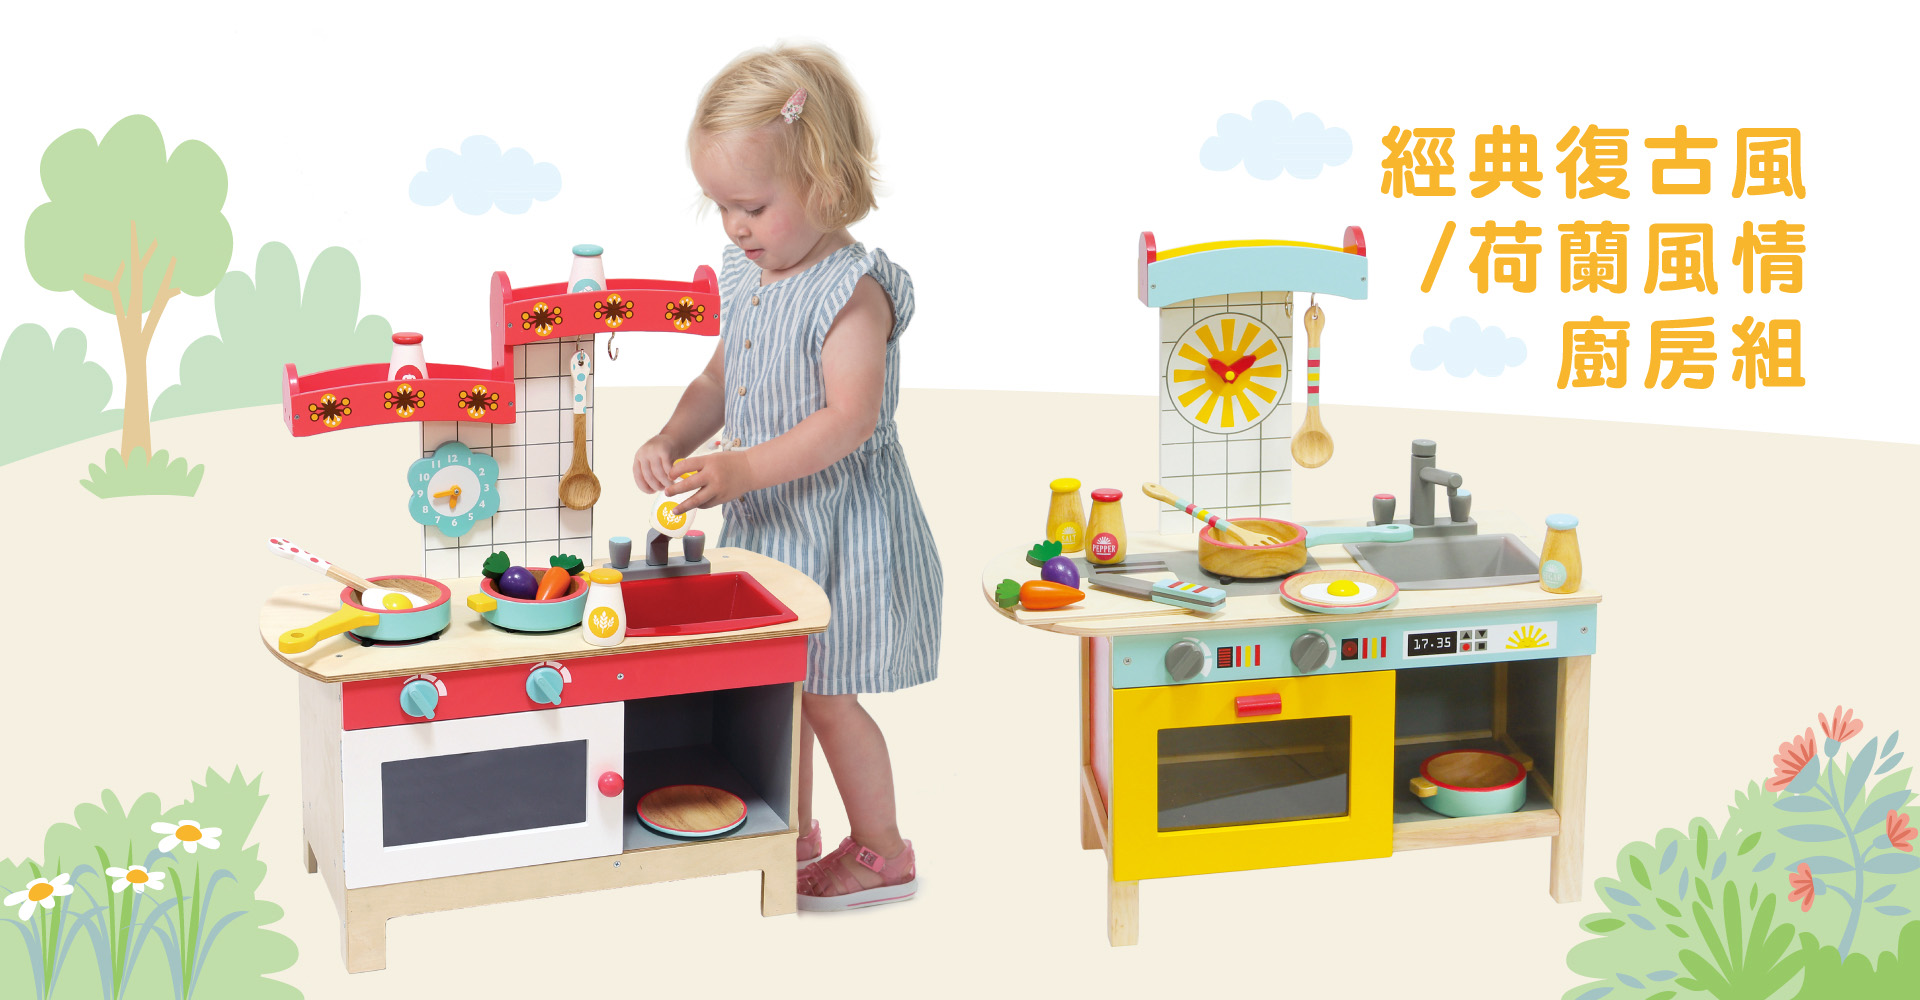 中型廚房組內附多種精美配件